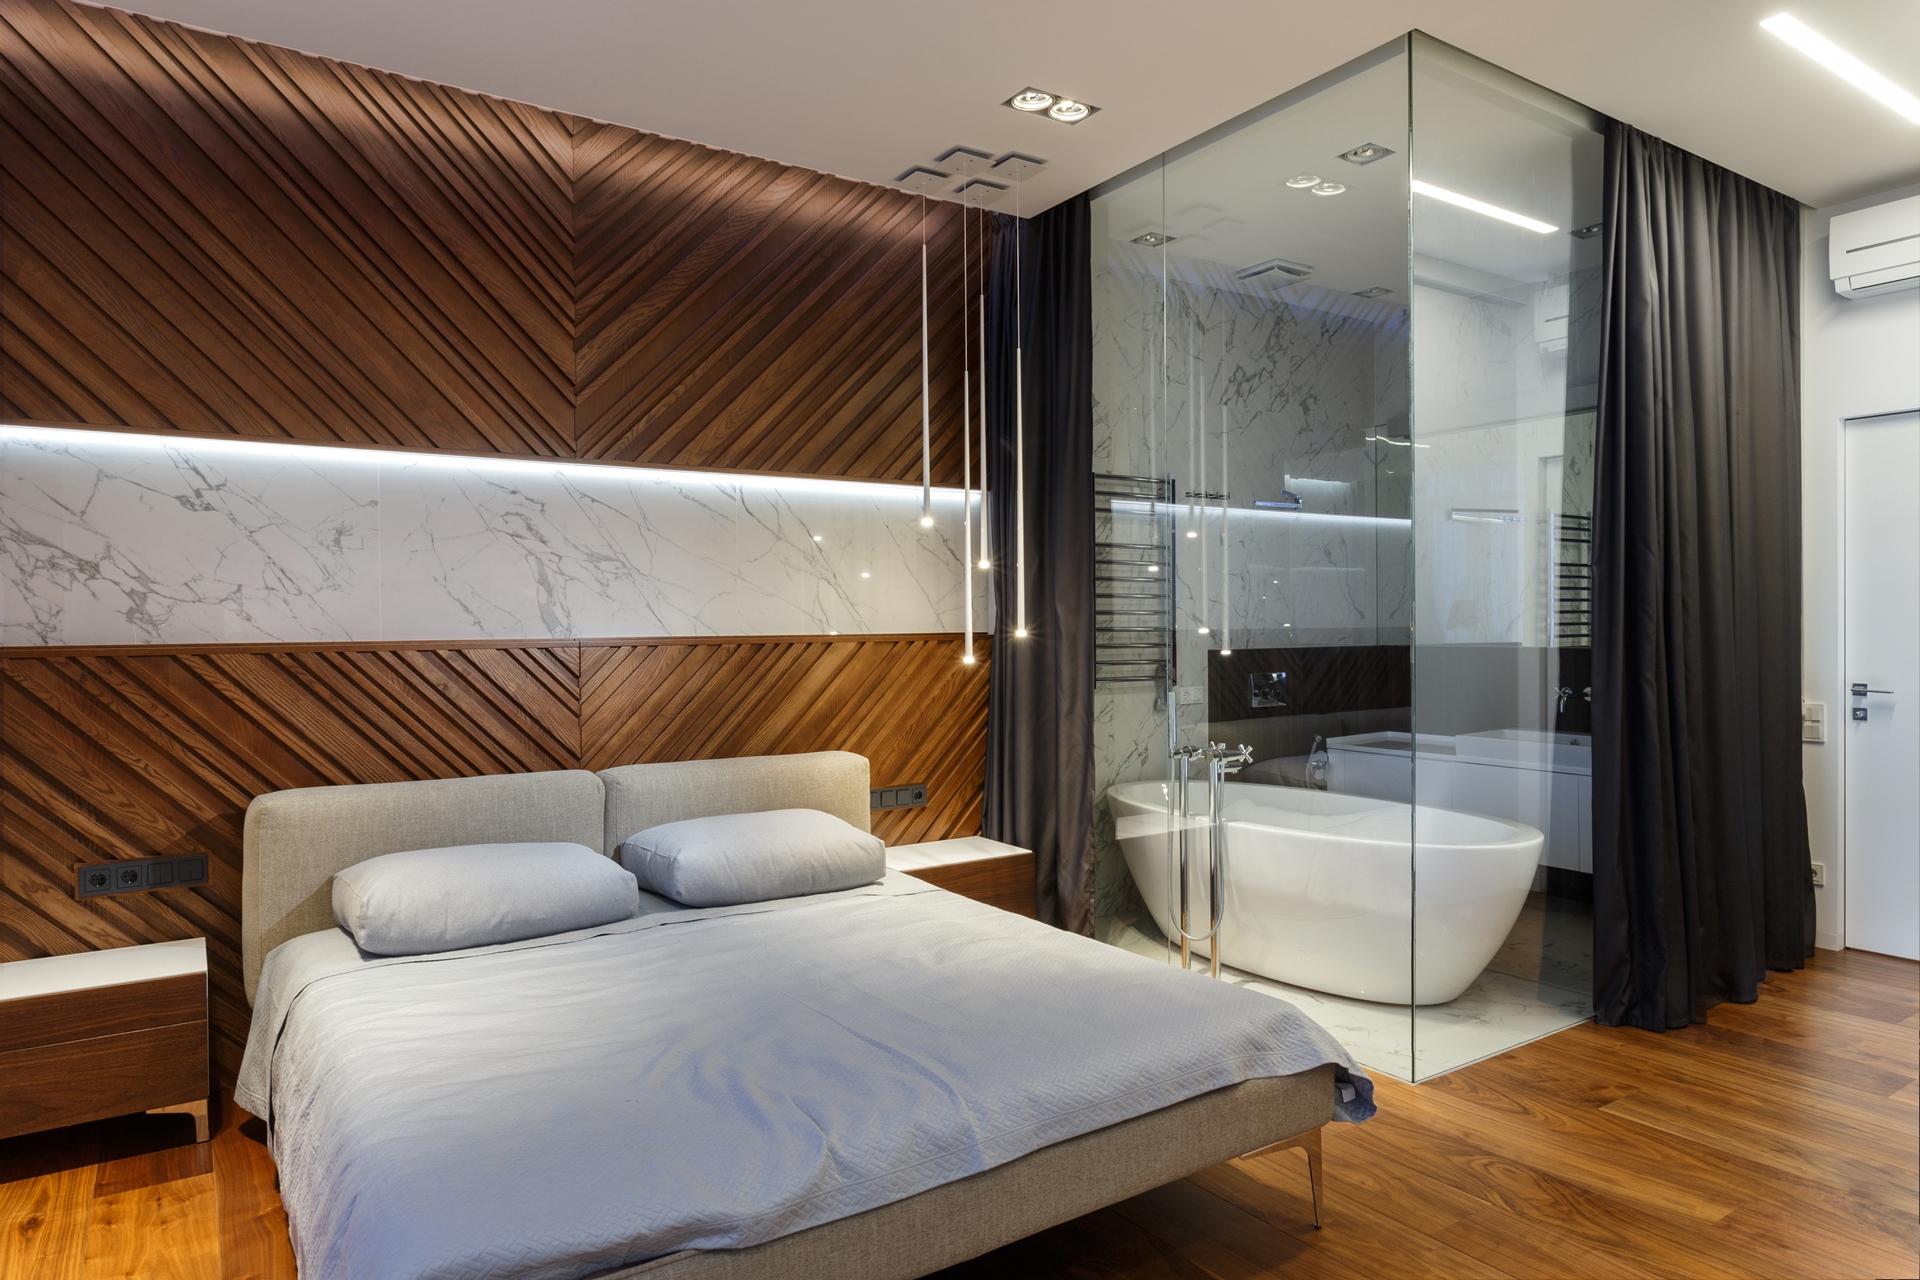 Glass Bathroom Walls In Modern Apartment By SVOYA